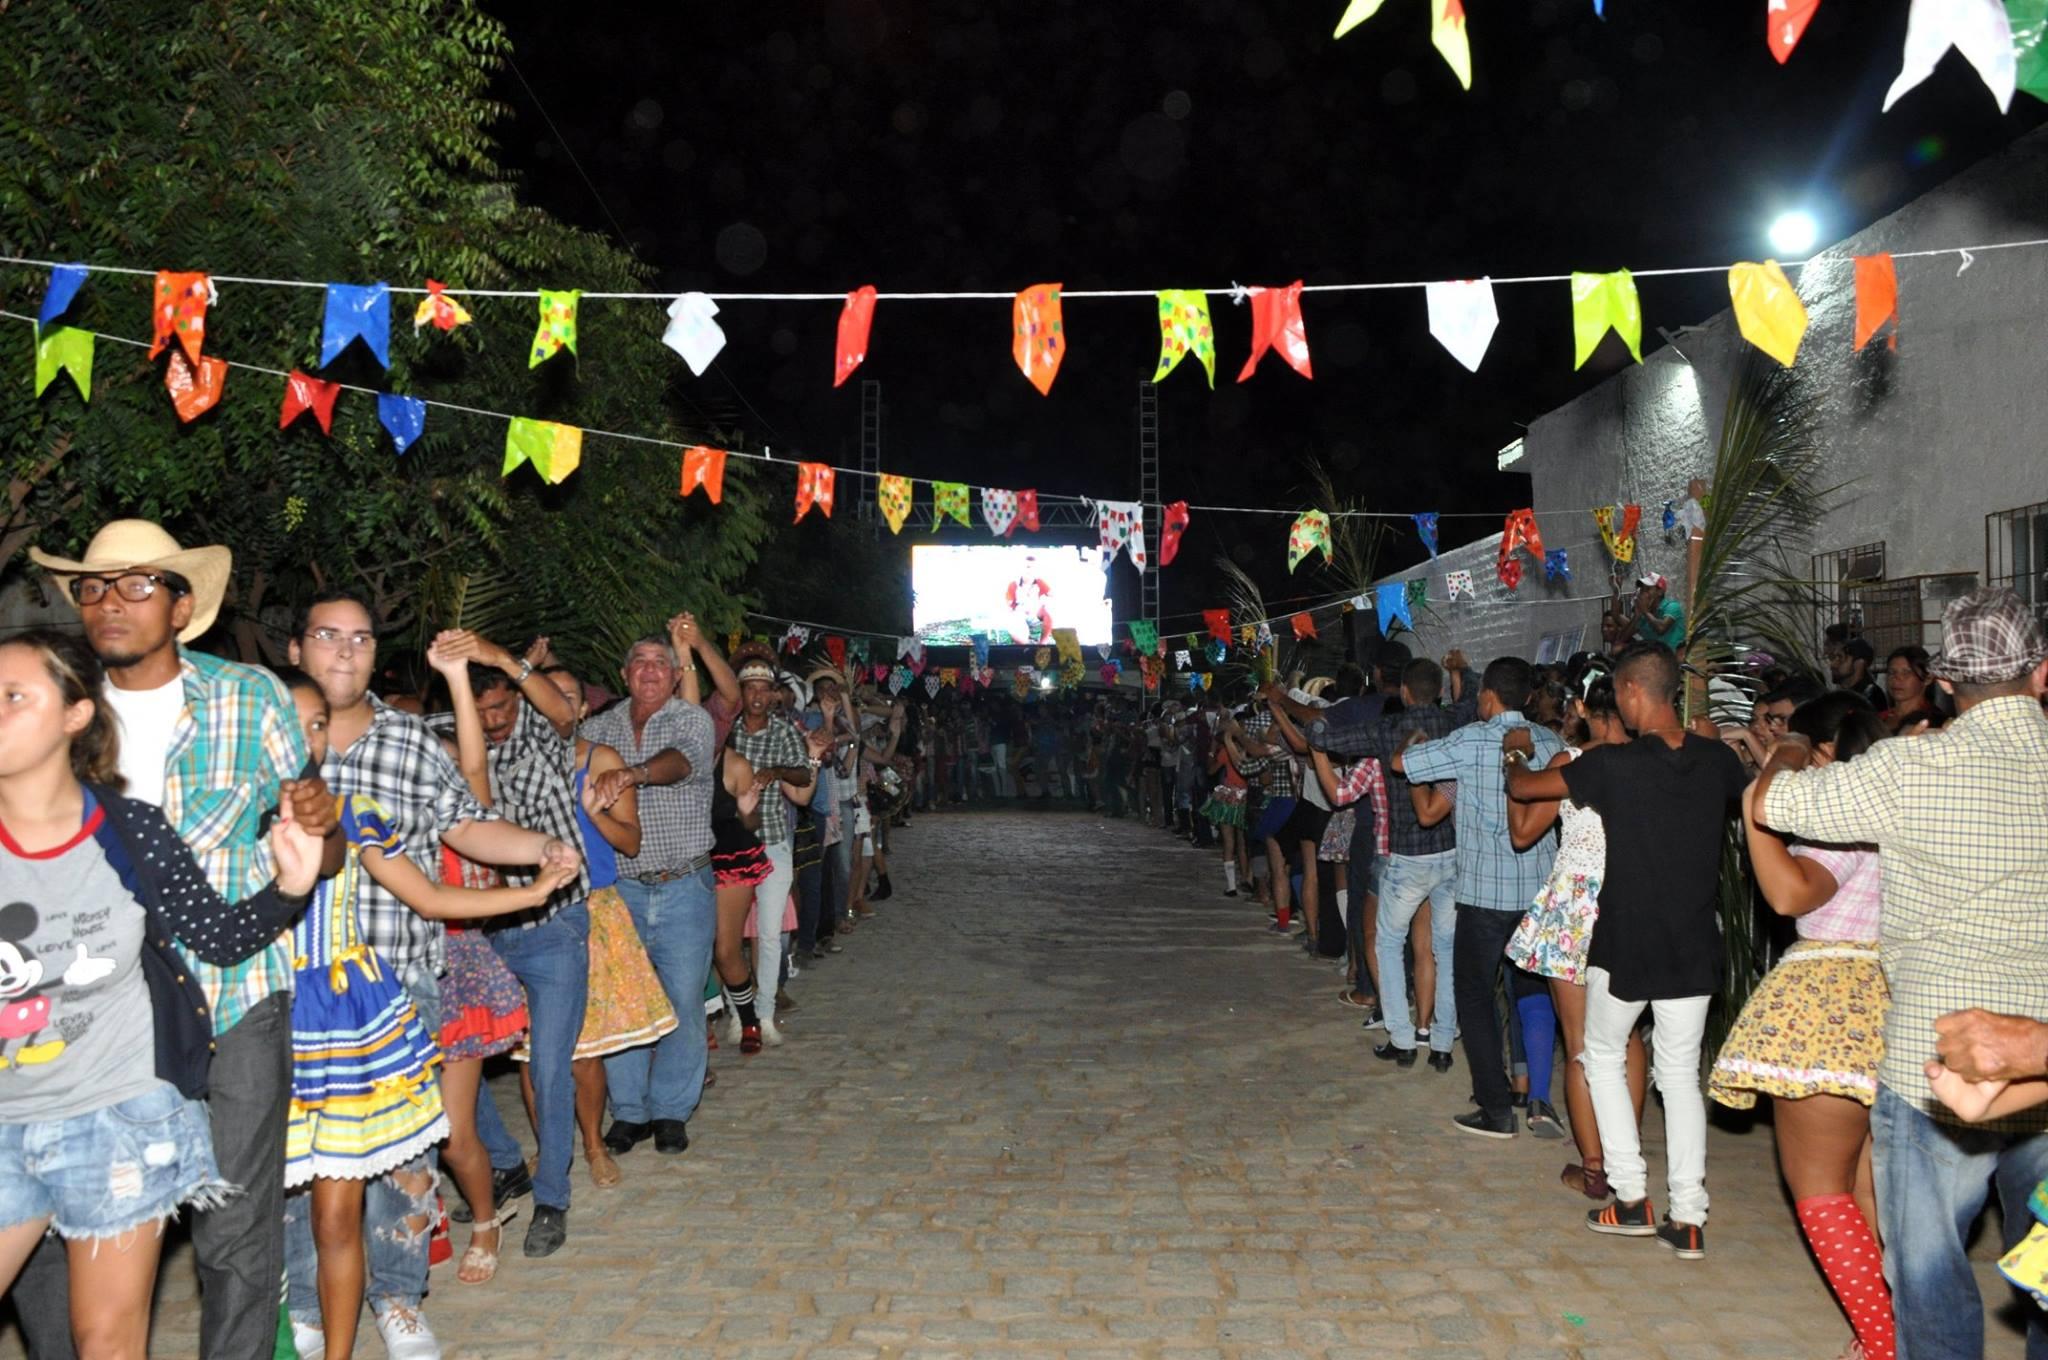 19143200_1899328790340311_5101785377377550050_o-1024x680 OPIPOCO mostra como foi a Segunda noite do festival de quadrilhas em Monteiro. Confira Imagens